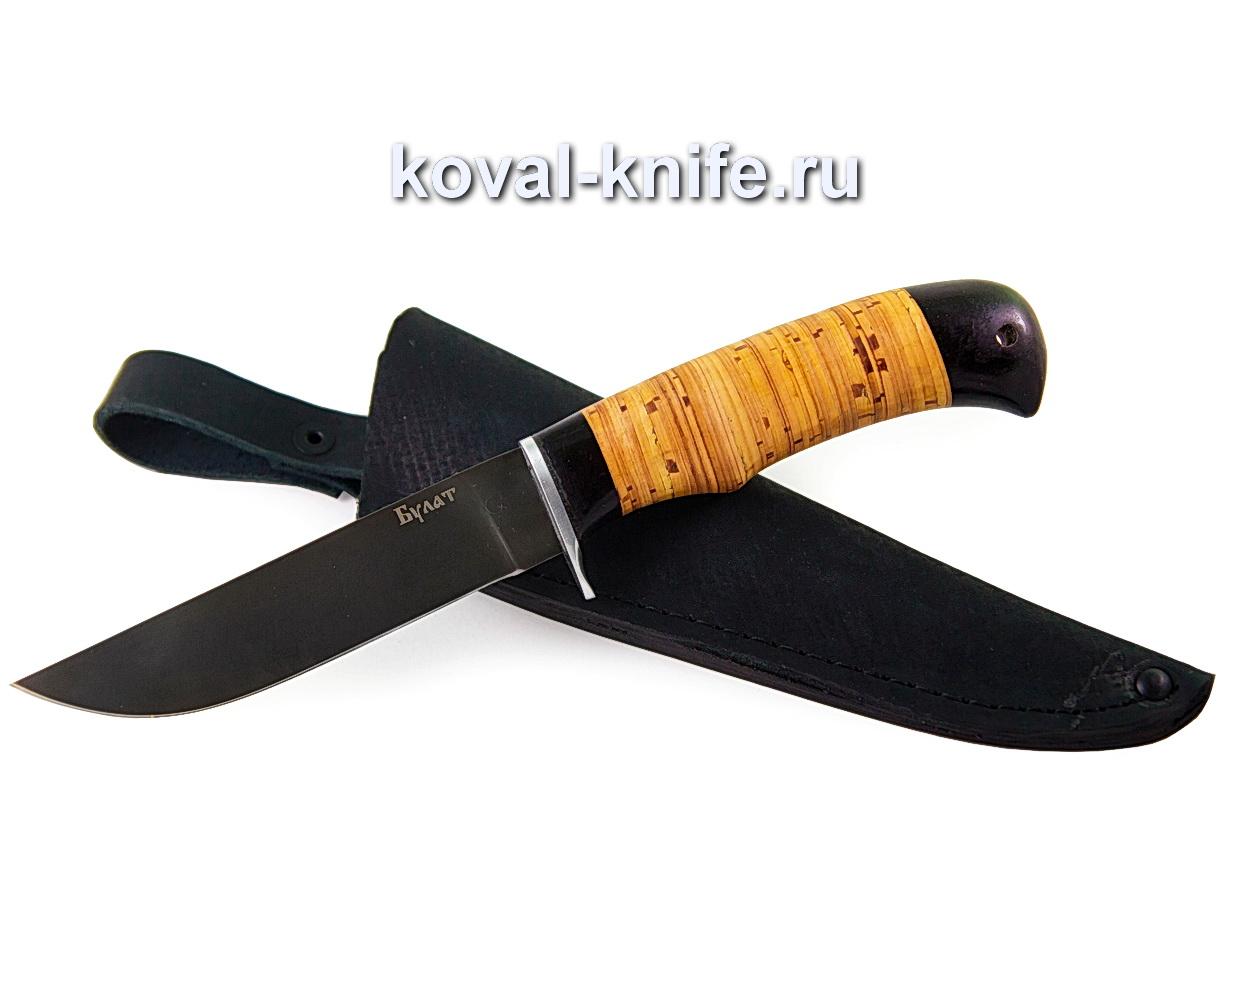 Нож из булатной стали Белка (рукоять береста и граб)